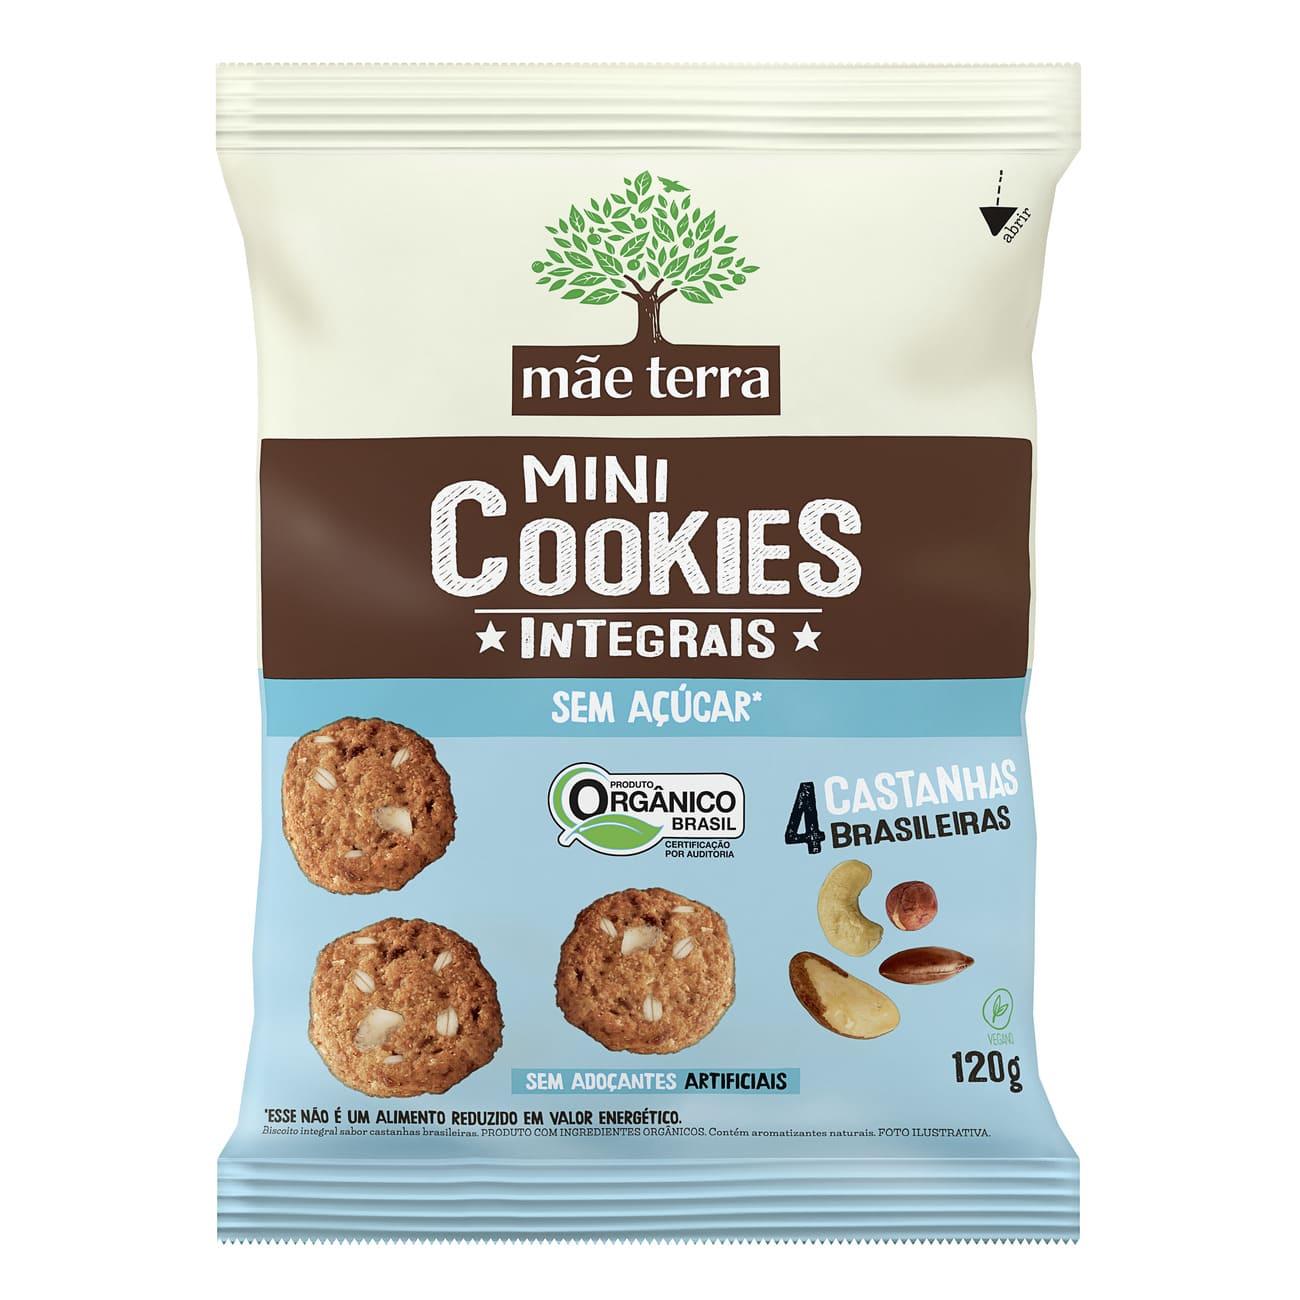 Cookie Integral Orgânico Mãe Terra Diet 4 Castanhas Brasileiras 120g